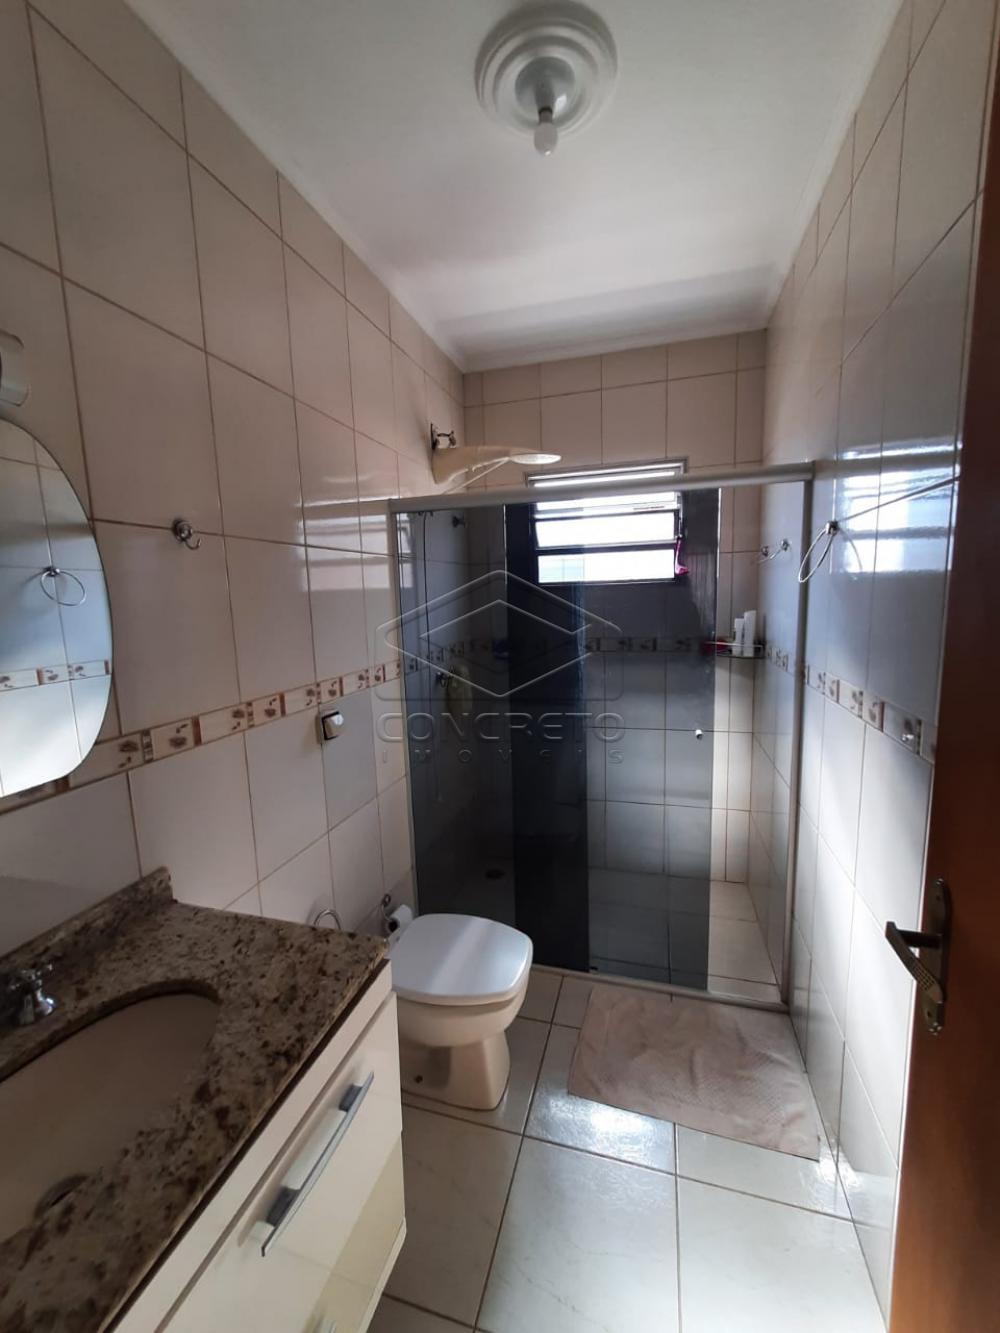 Comprar Casa / Padrão em Botucatu apenas R$ 400.000,00 - Foto 12